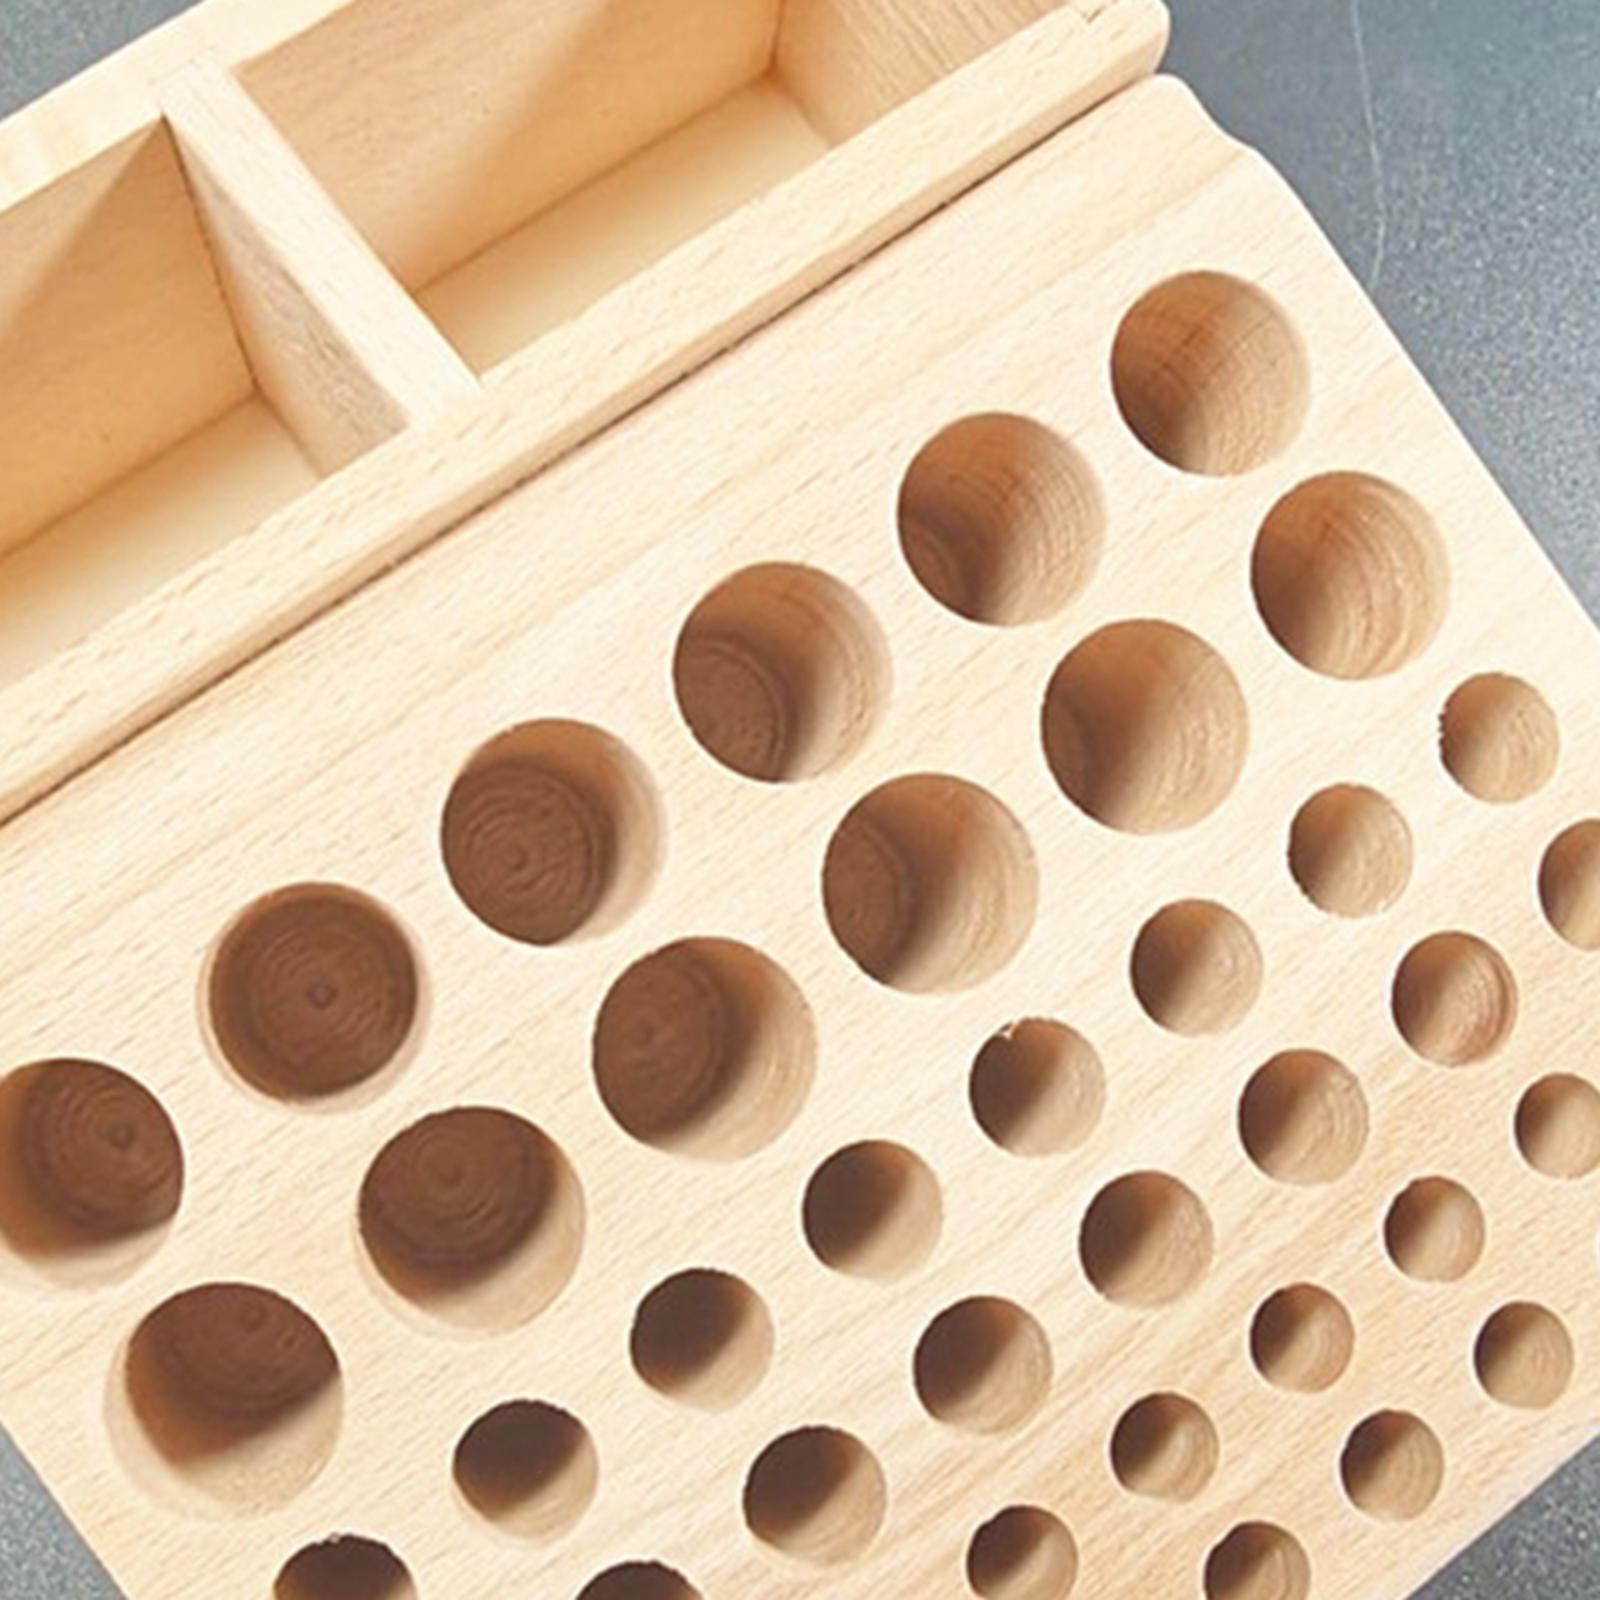 Indexbild 4 - Holz-Leder-Punch-Handwerk-Werkzeug-Rack-46-98-Loecher-Leathercraft-Stehen-Halter